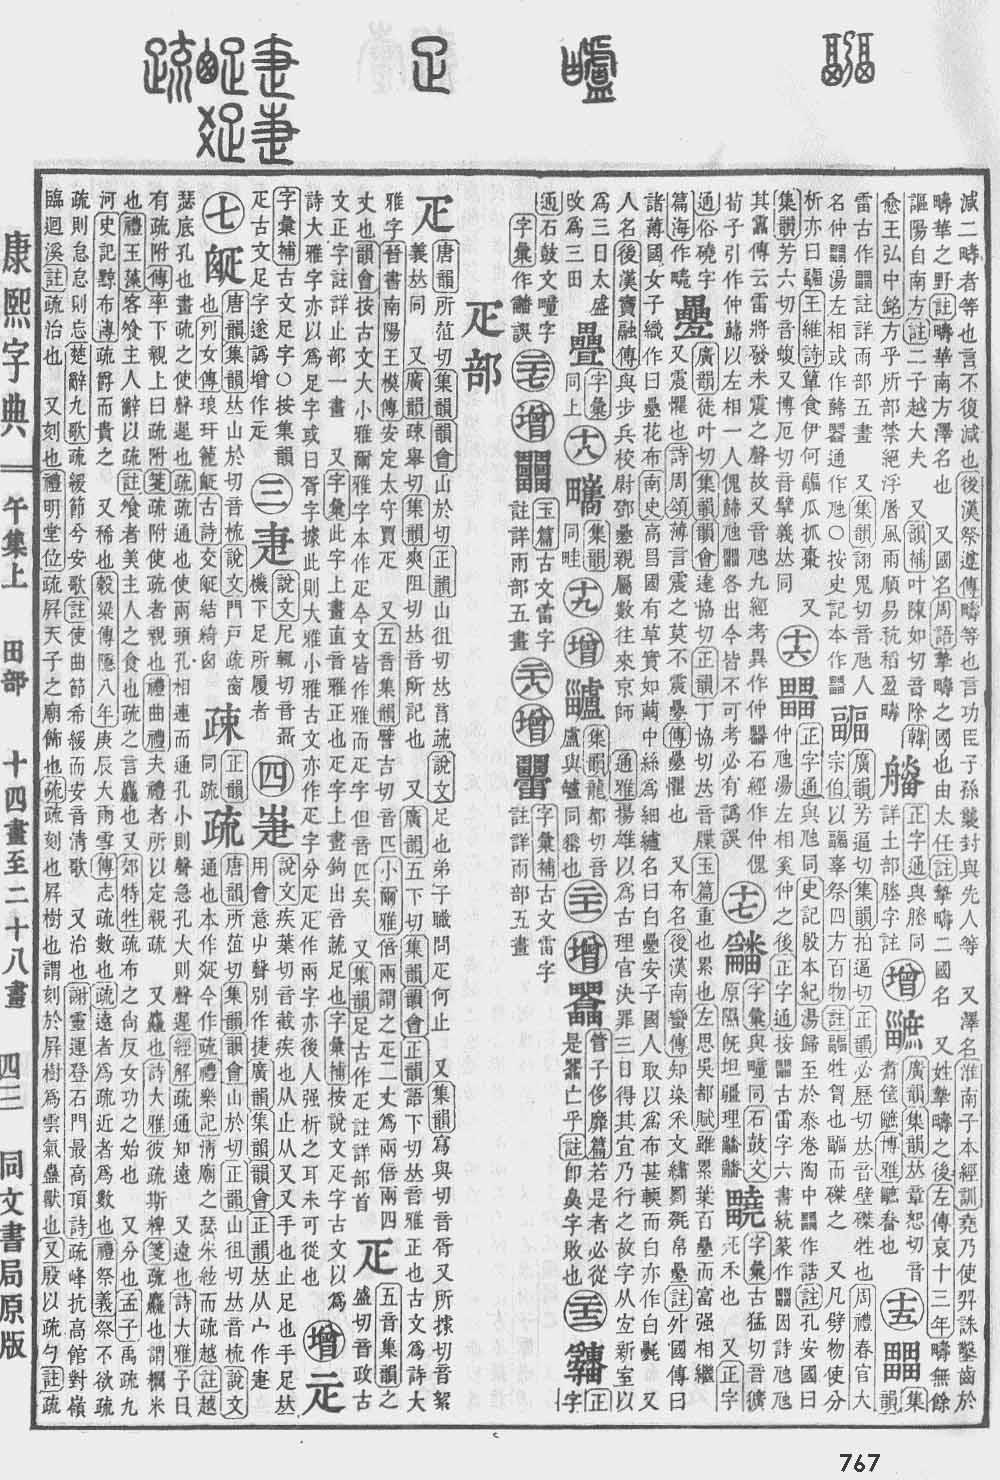 《康熙字典》第767页